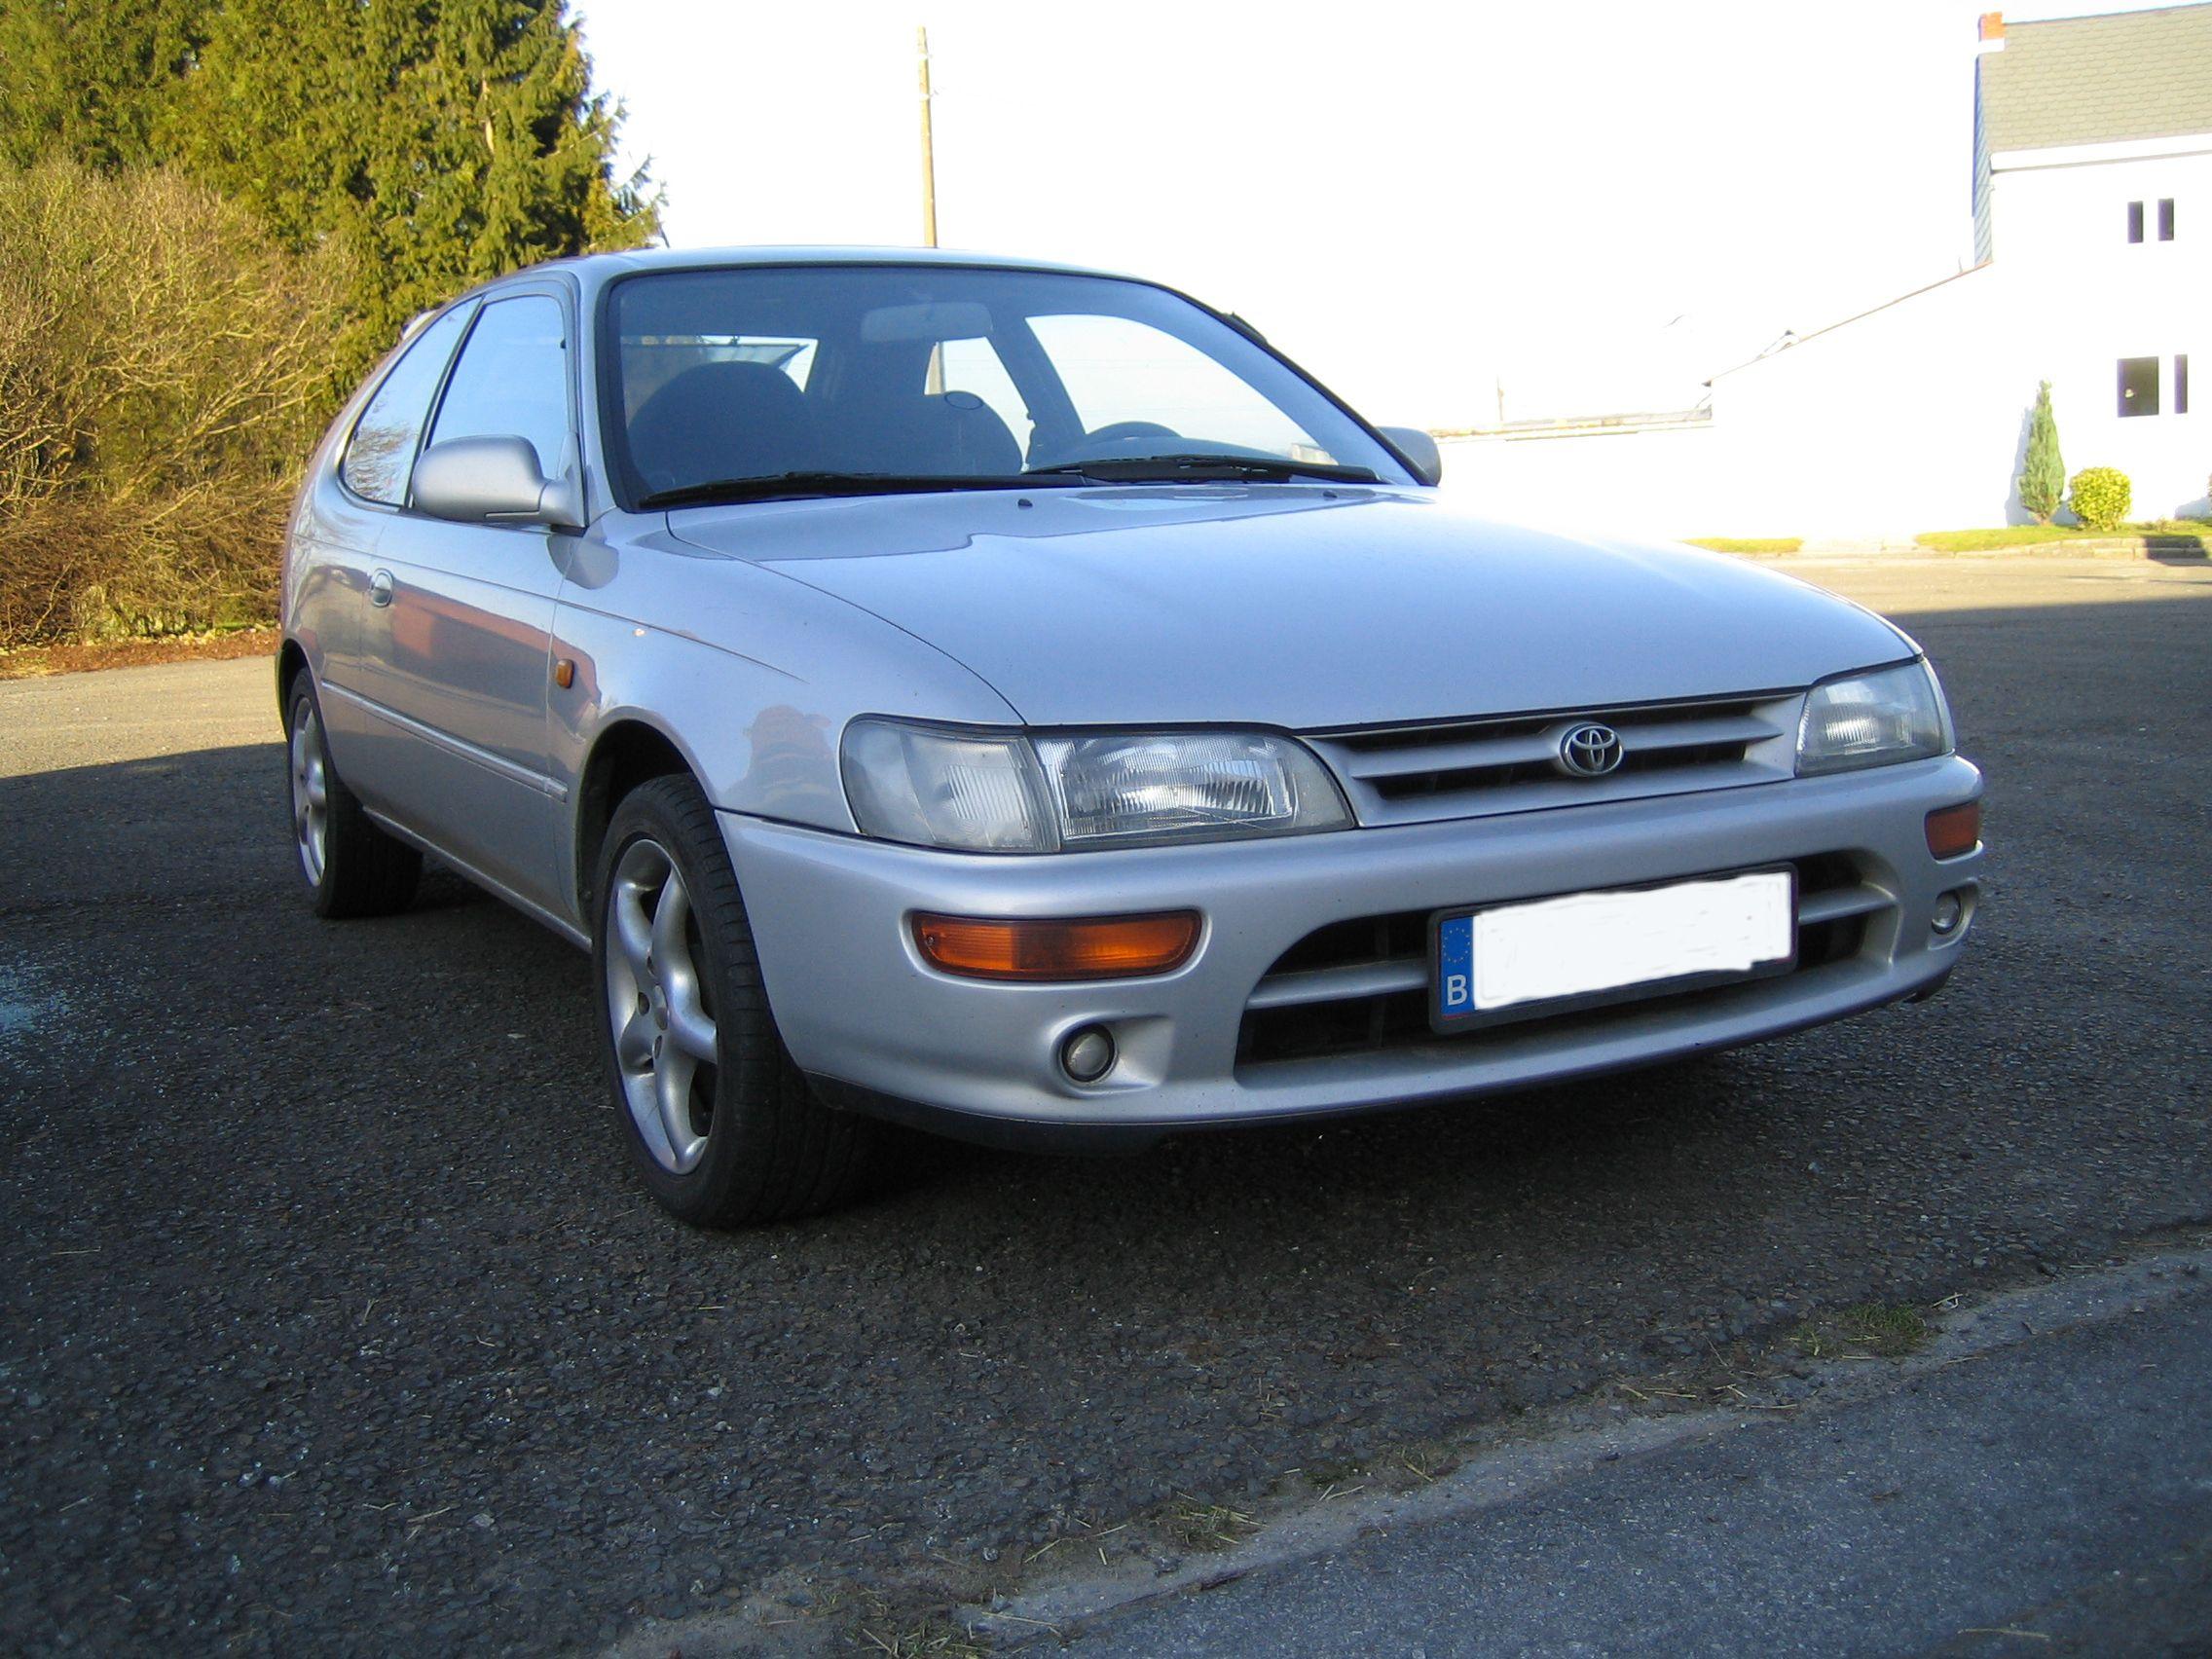 Mon ex Corolla Si Img3230gm